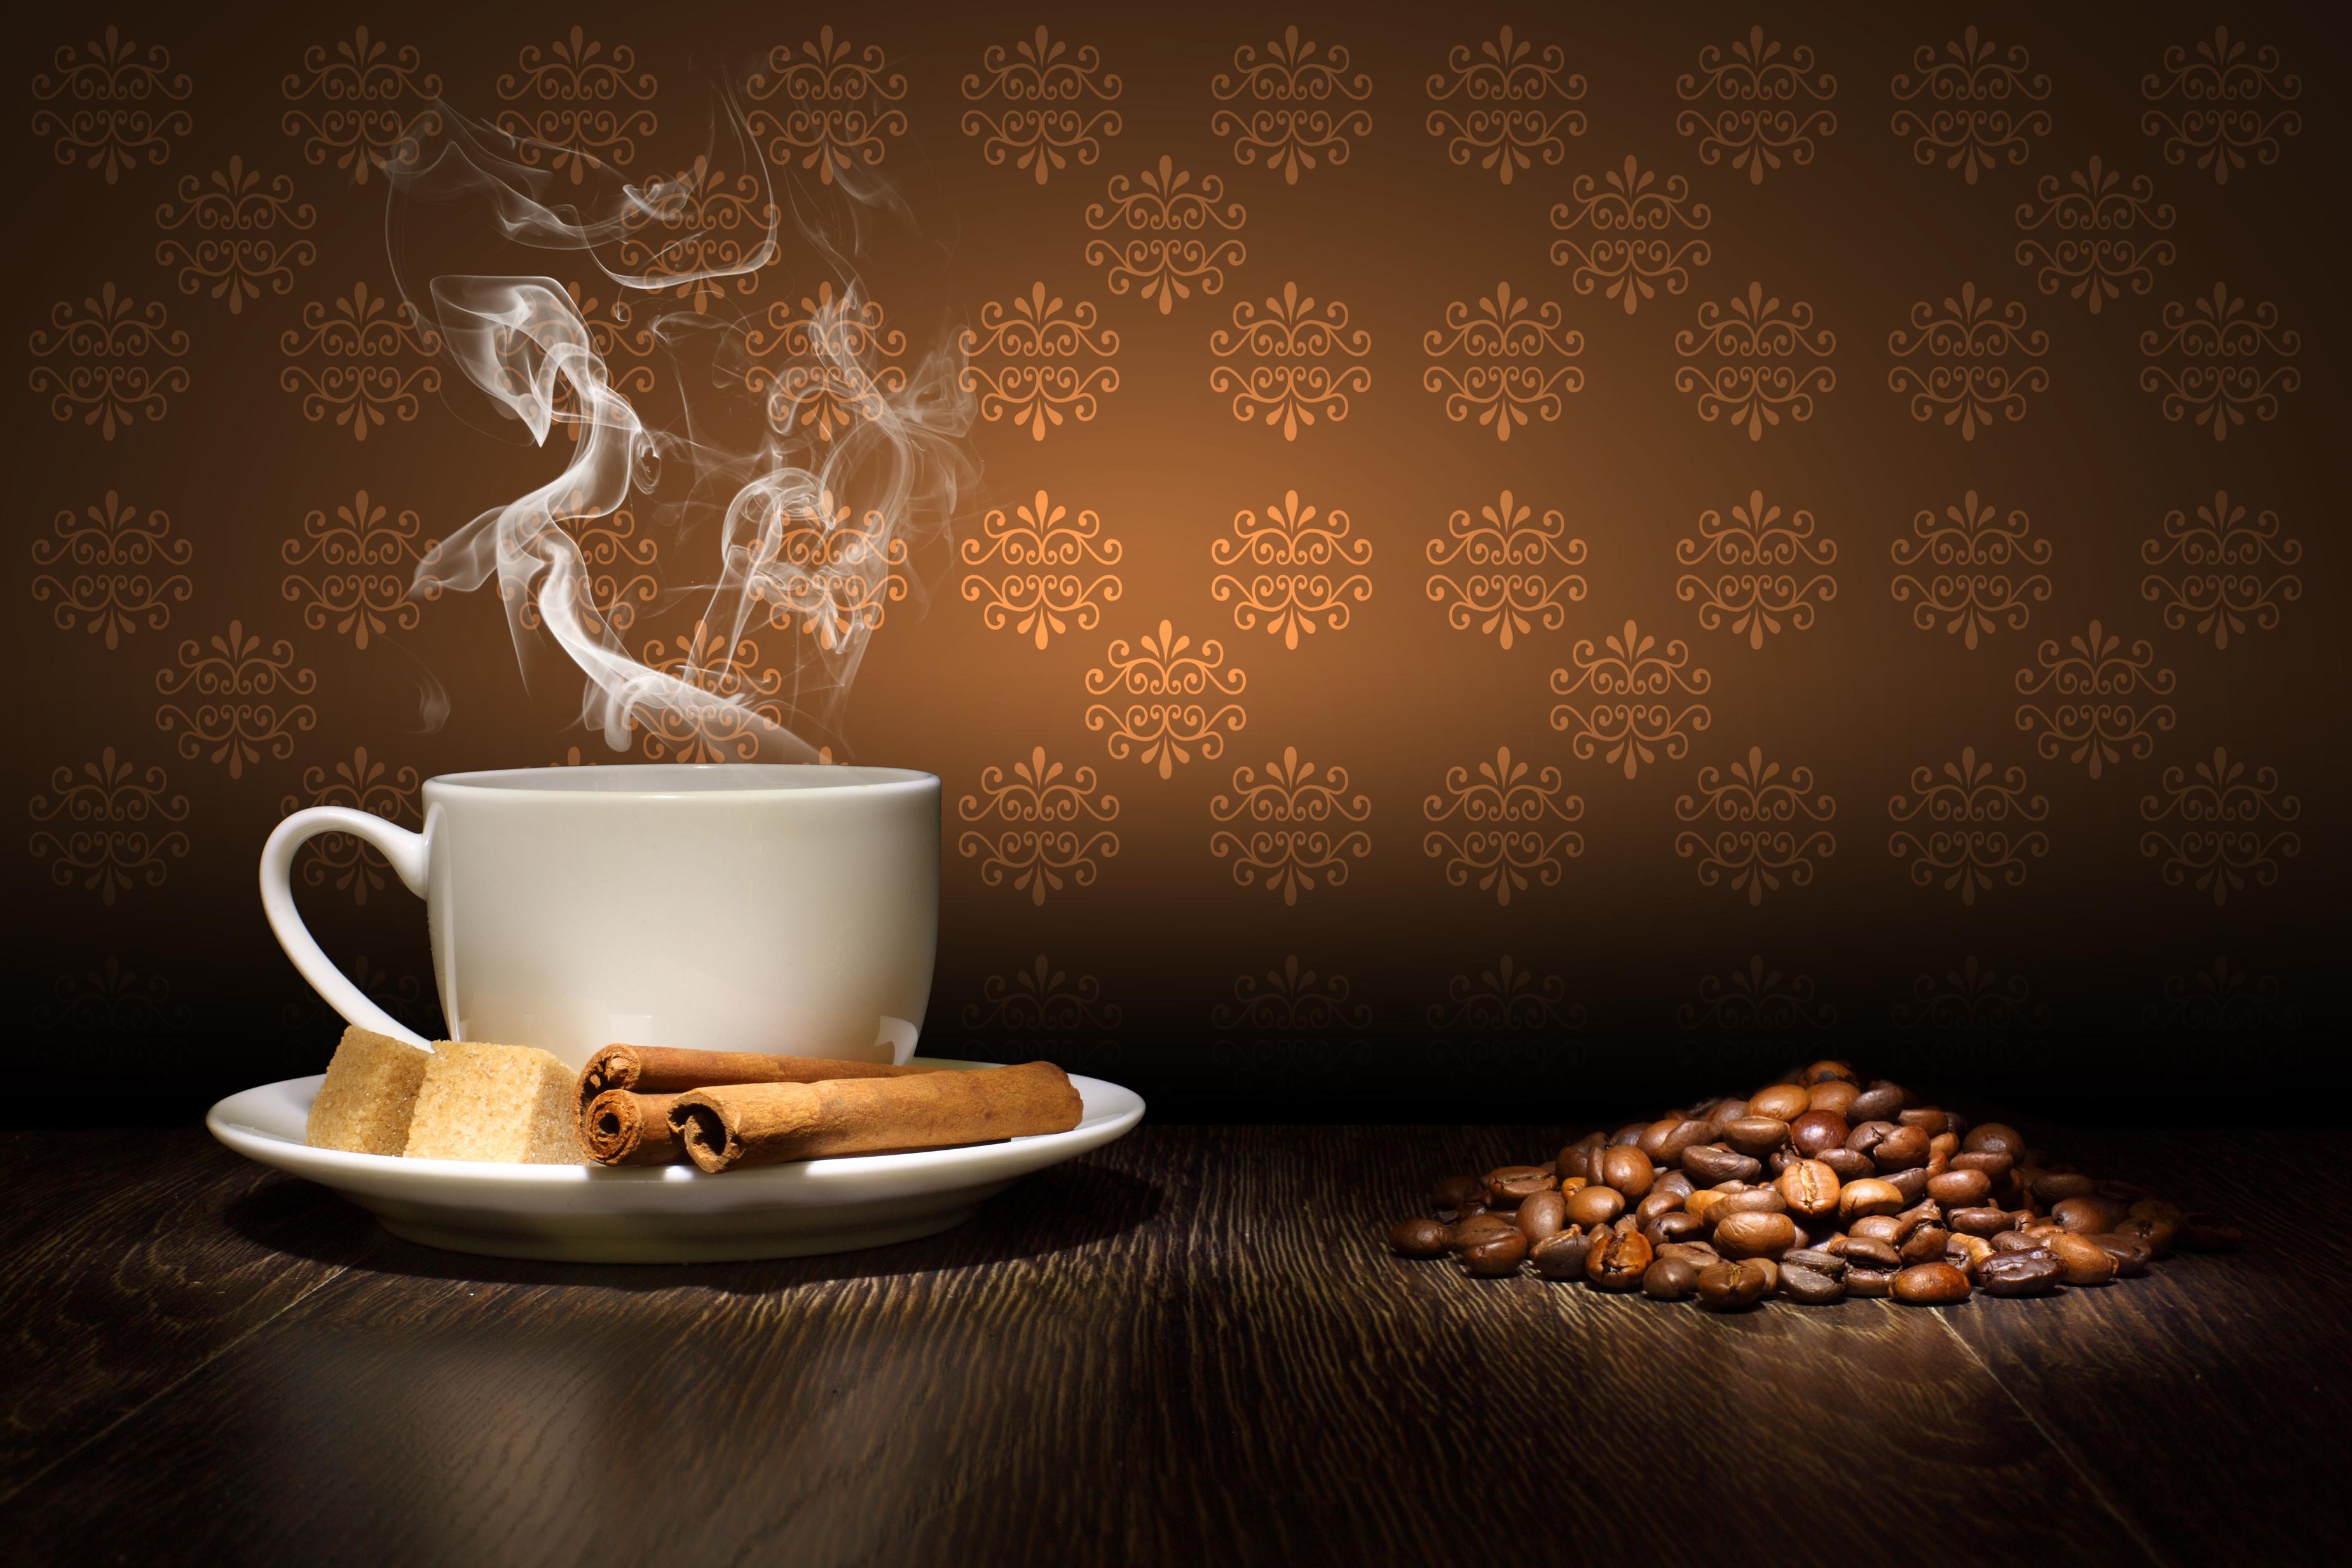 Кофейная открытка для мужчины